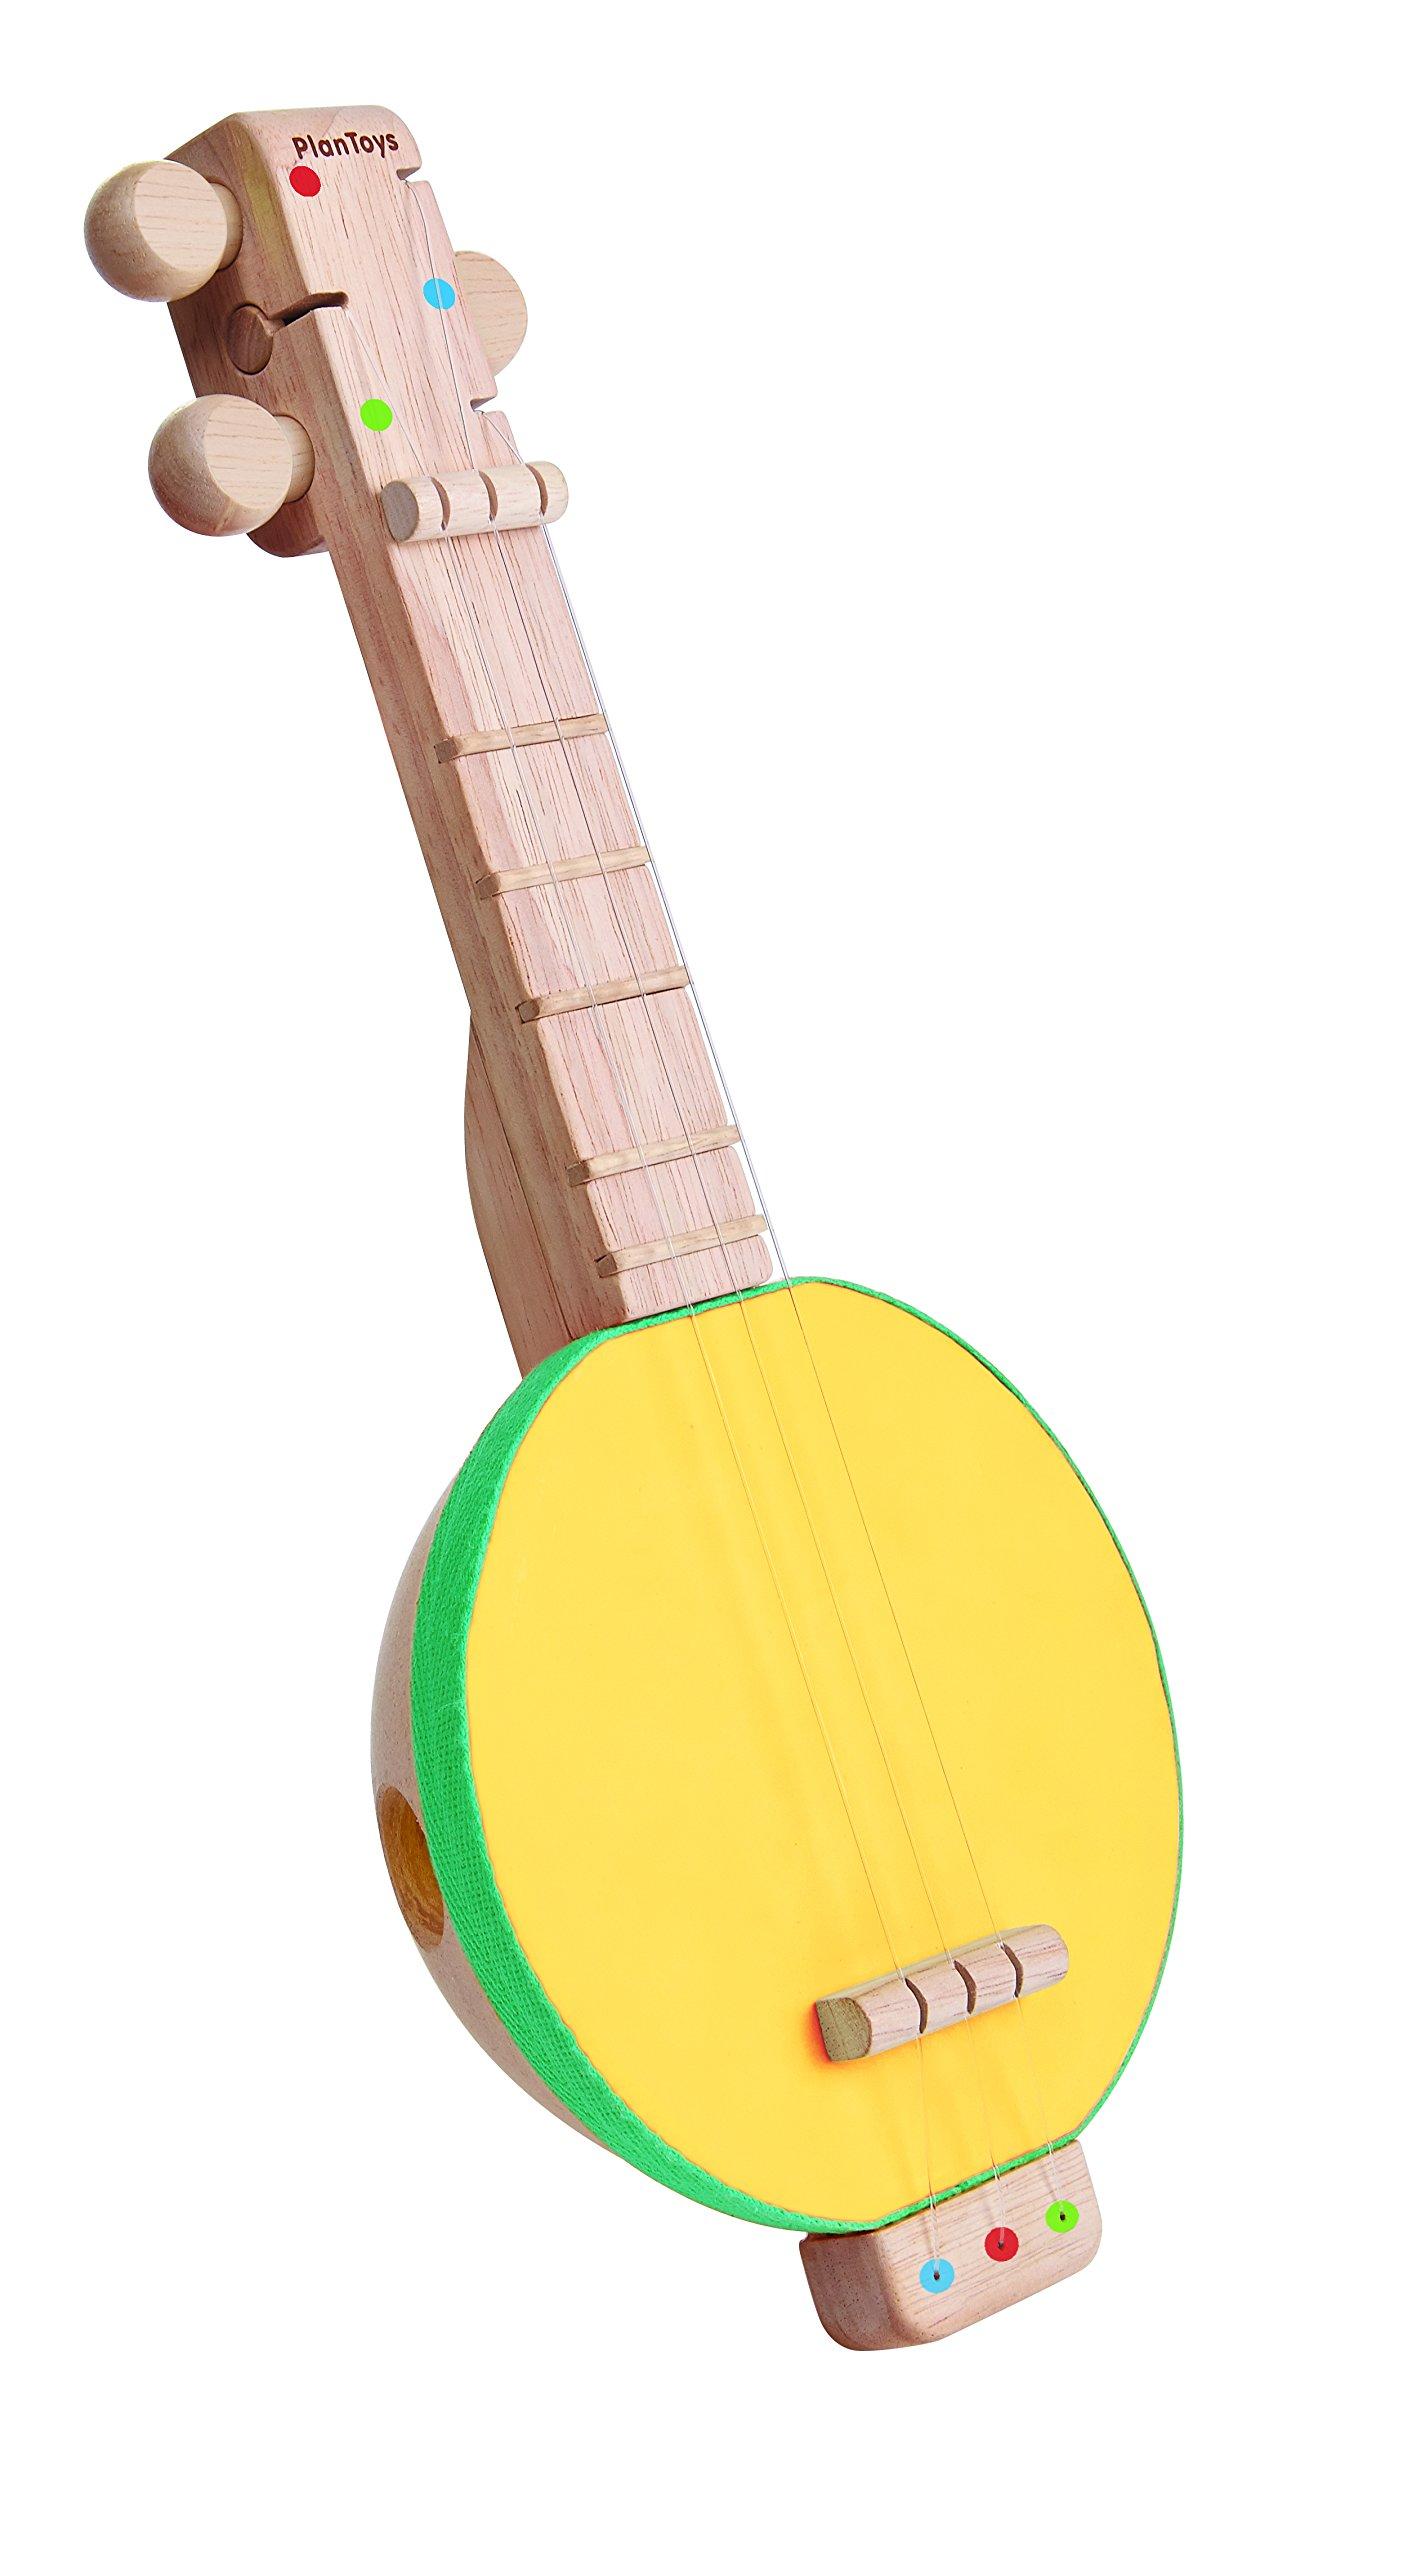 PlanToys 6436 Banjolele Music Set